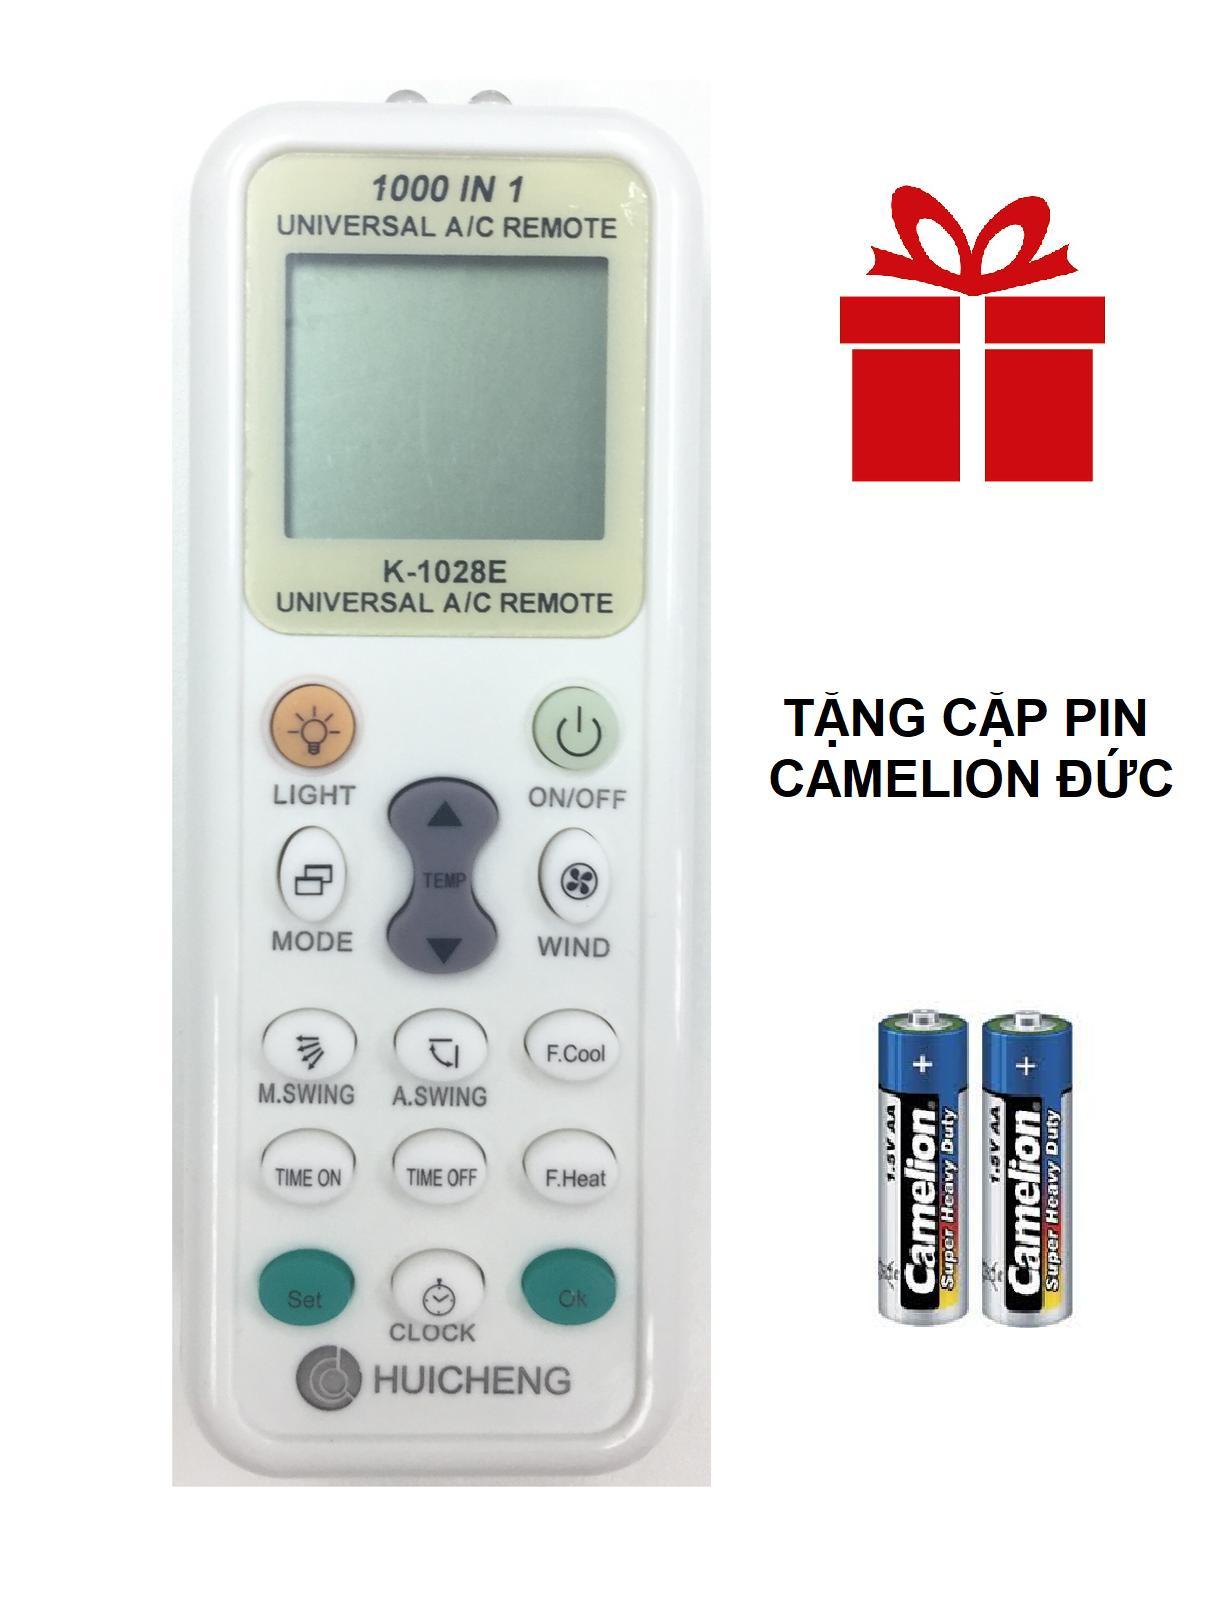 REMOTE MÁY LẠNH ĐA NĂNG HUICHENG K-1028E TÍCH HỢP MÃ 1000 SẢN PHẨM